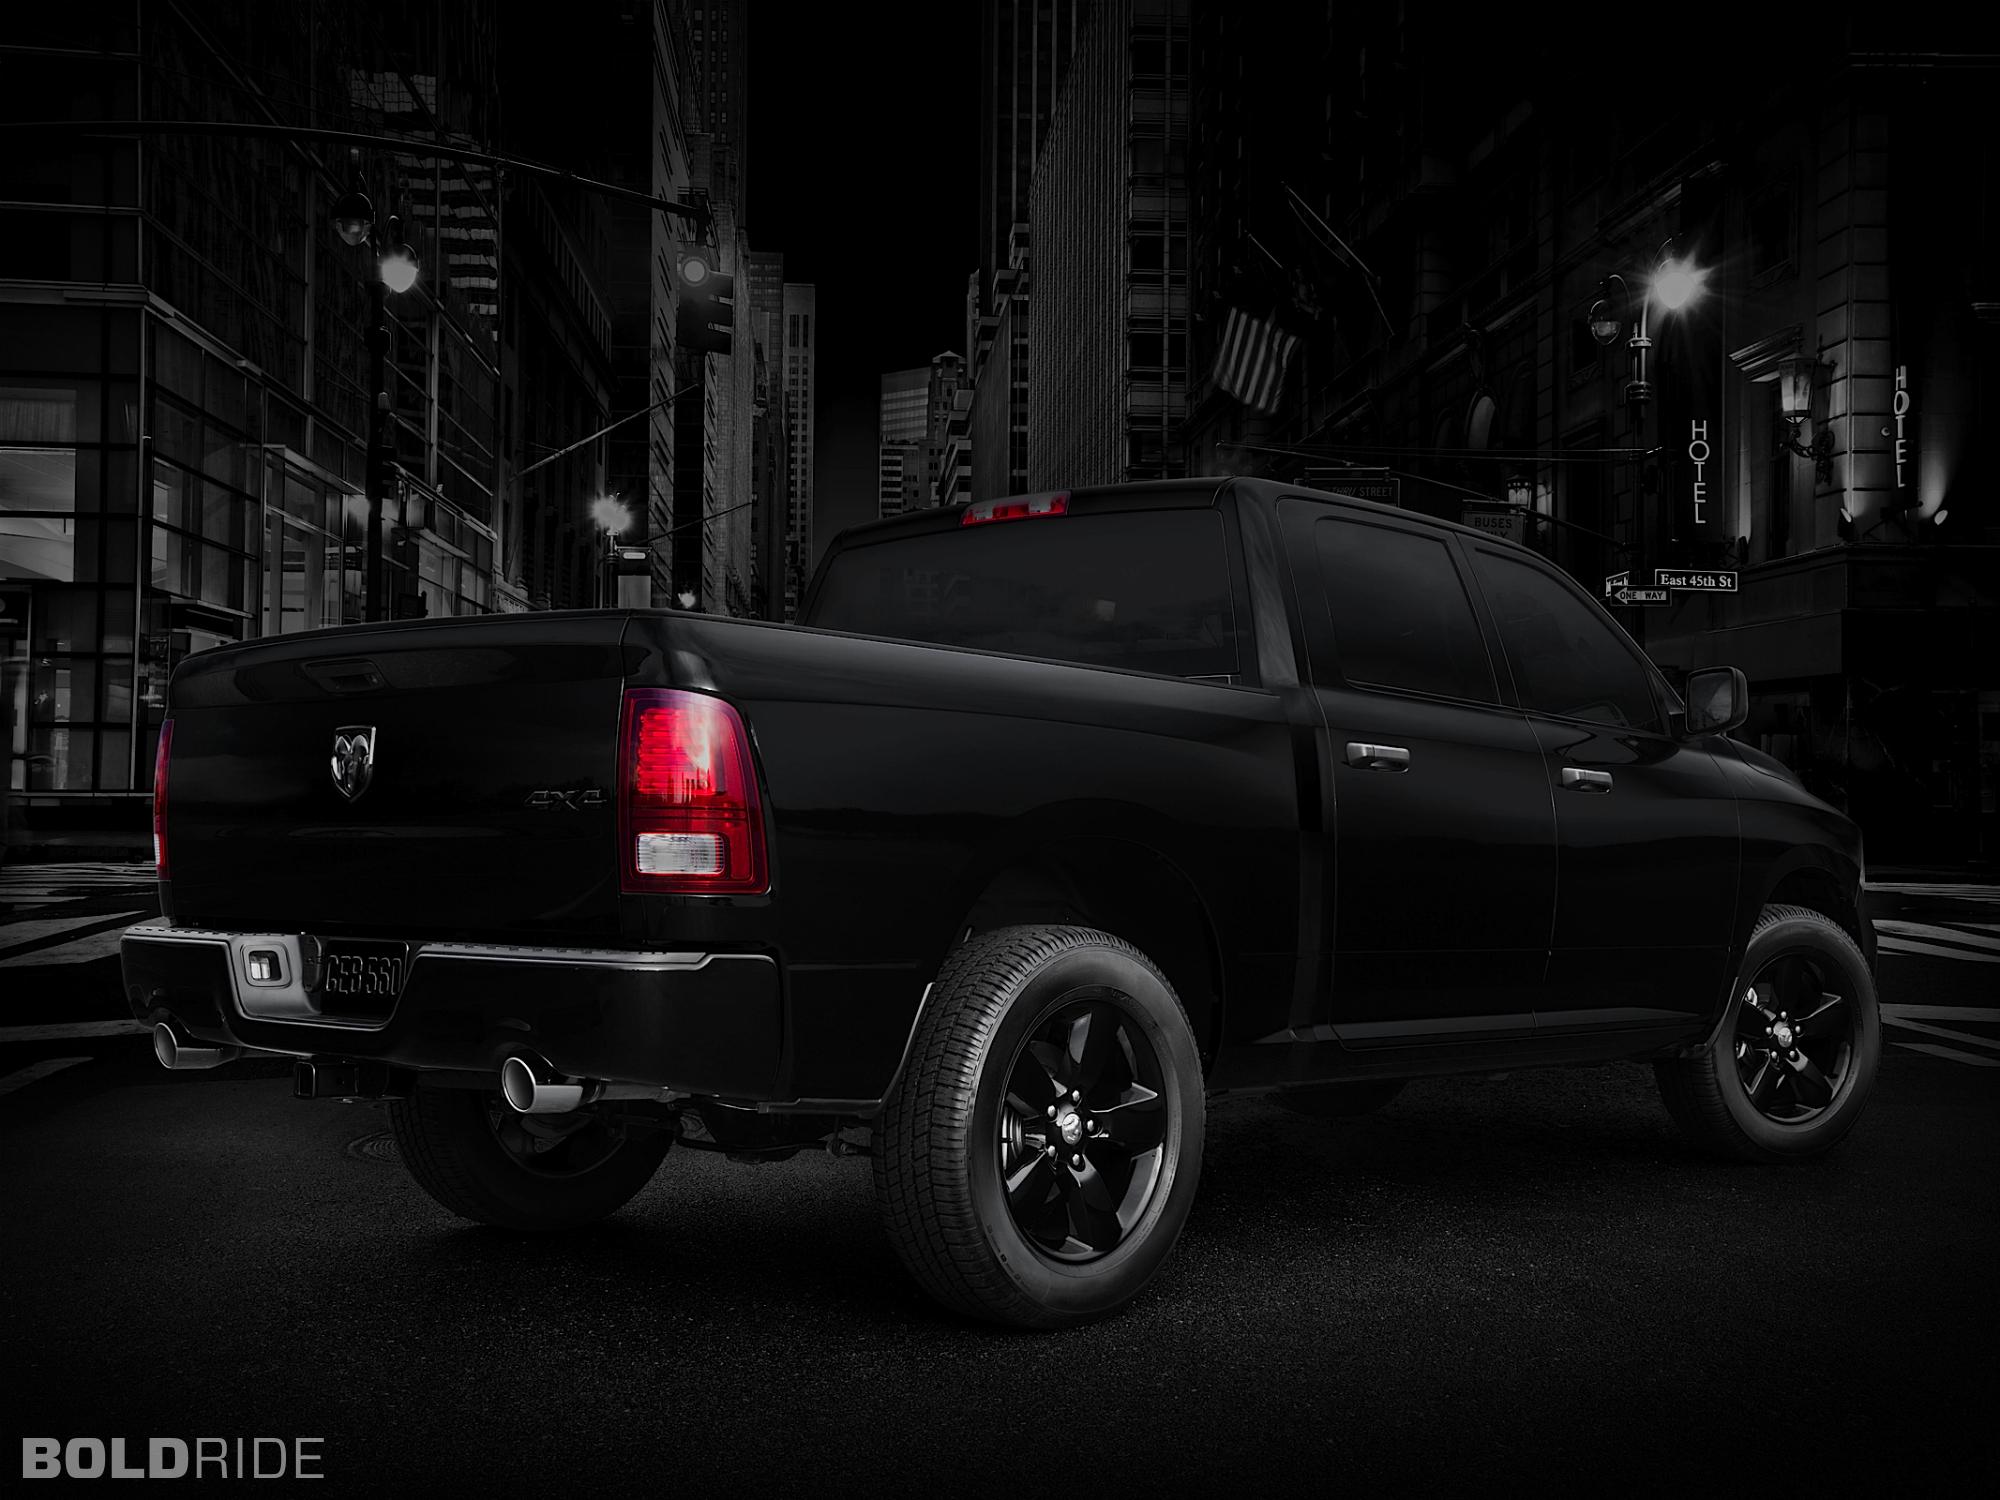 2013 Dodge Ram 1500 Black Express Pickup Supertruck Truck Muscle 4x4 Wallpaper